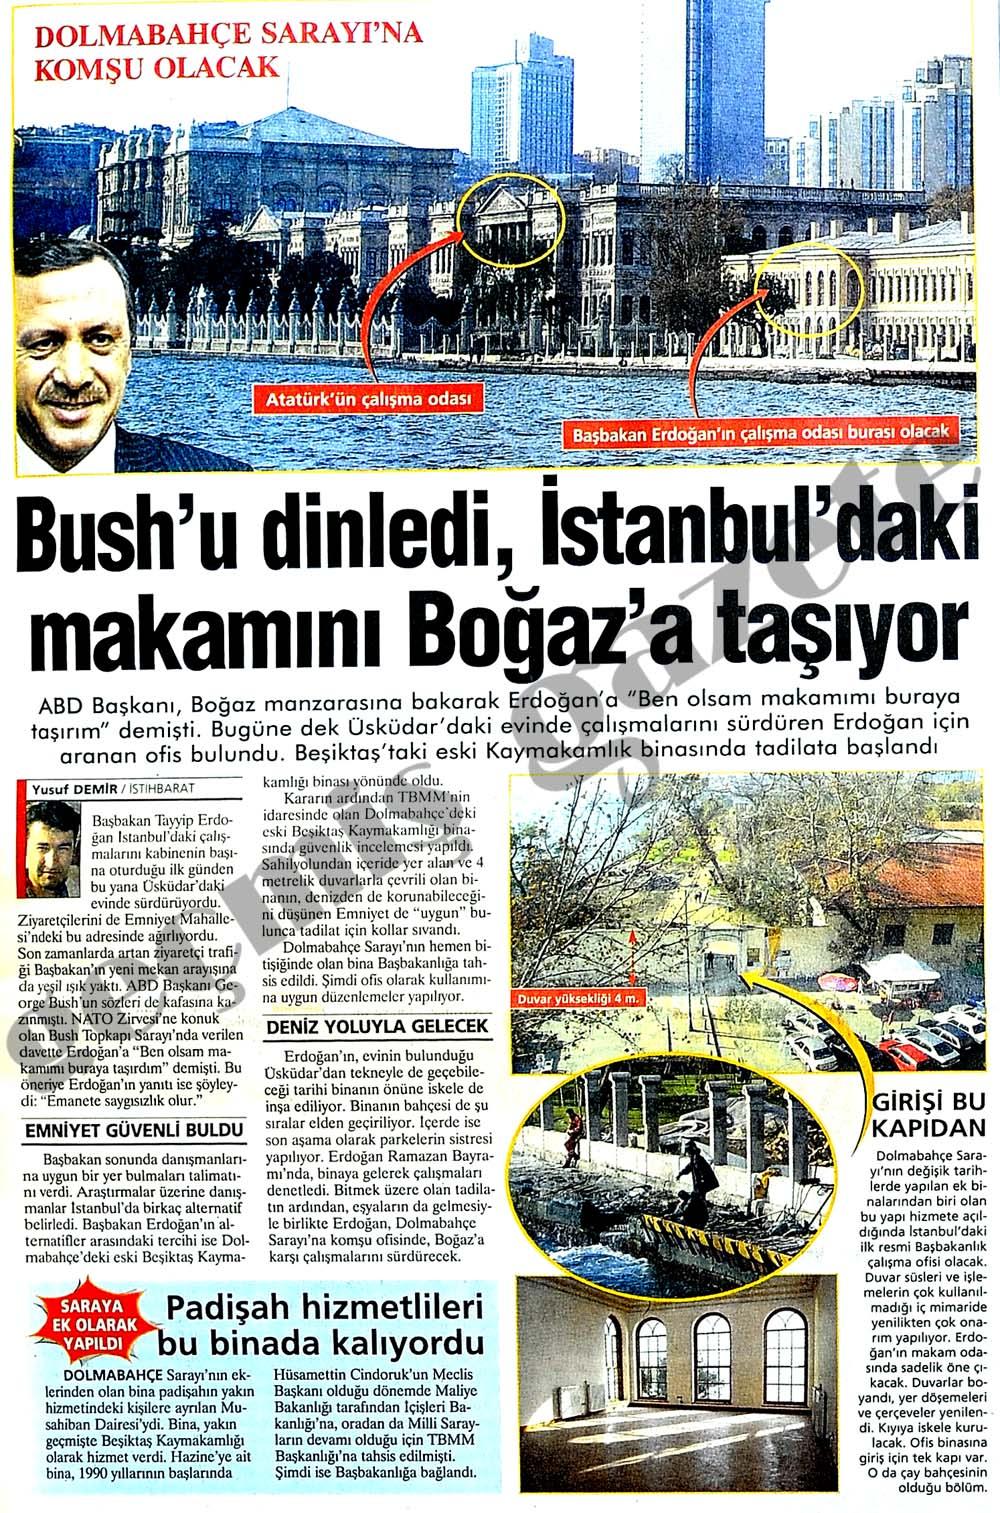 Bush'u dinledi, İstanbul'daki makamını Boğaz'a taşıyor